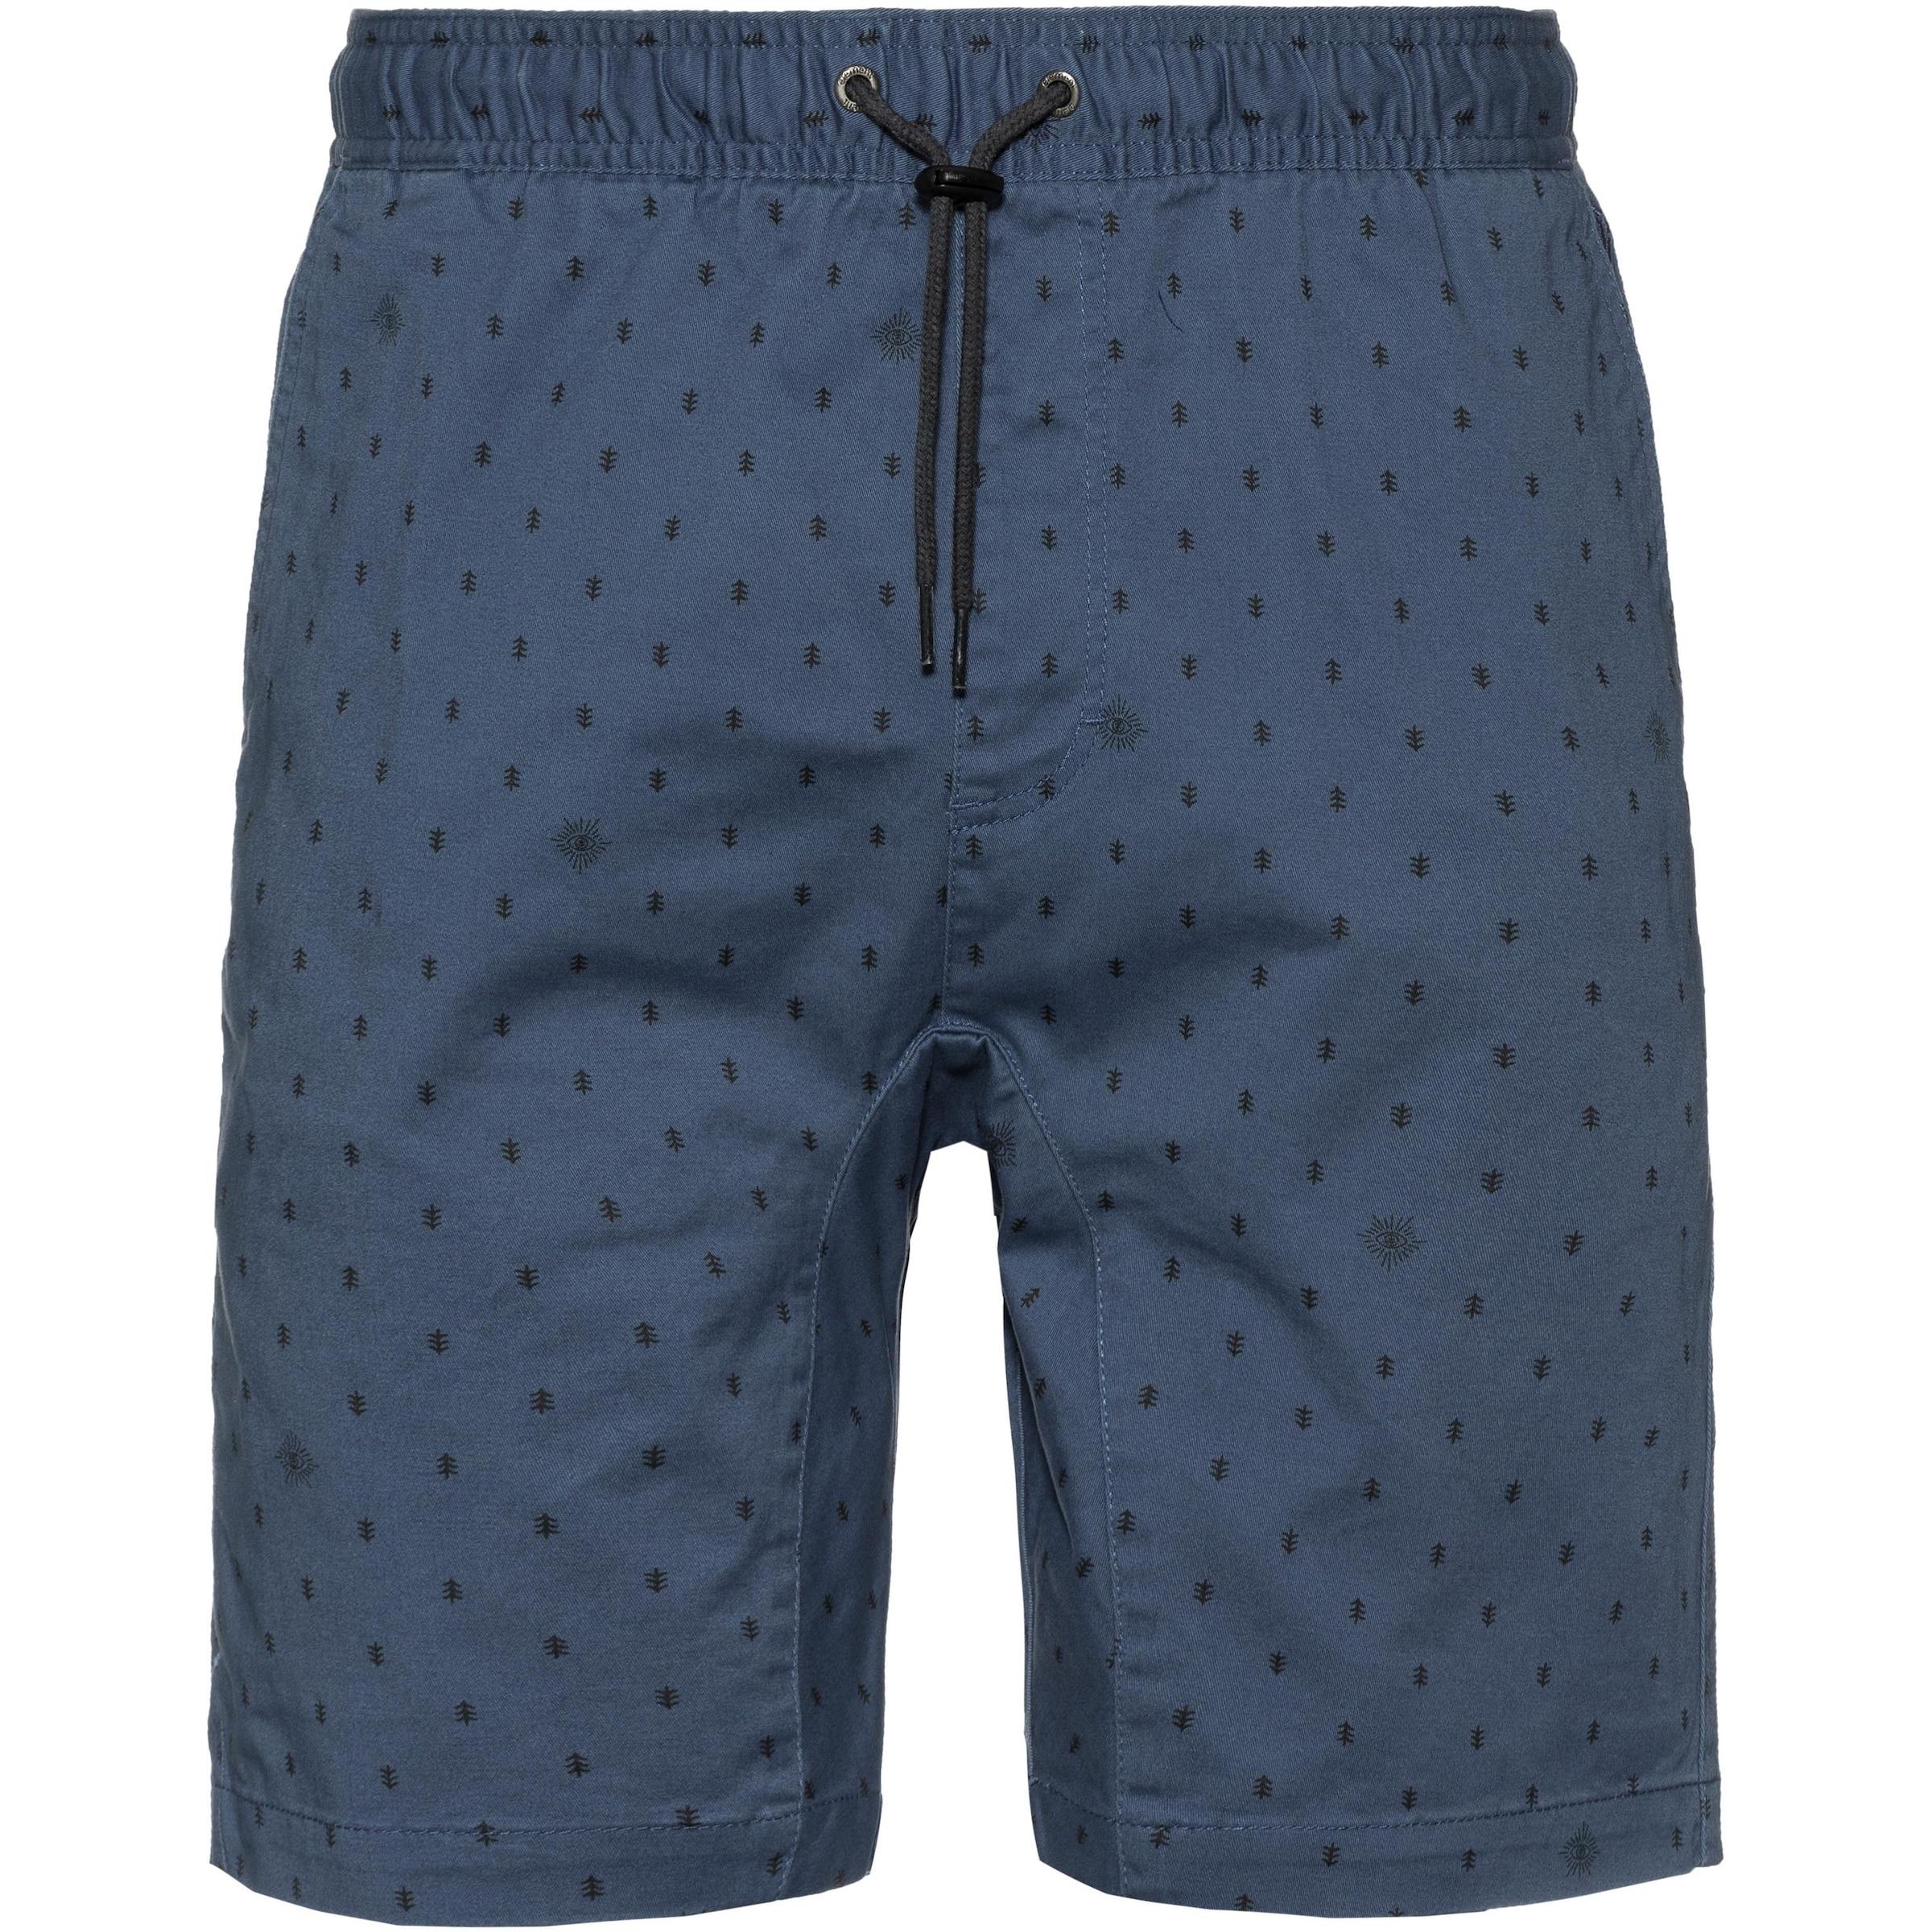 Element TaubenblauSchwarz Shorts Shorts 'altona' TaubenblauSchwarz Shorts 'altona' In Element Element 'altona' In 8nOmN0wv